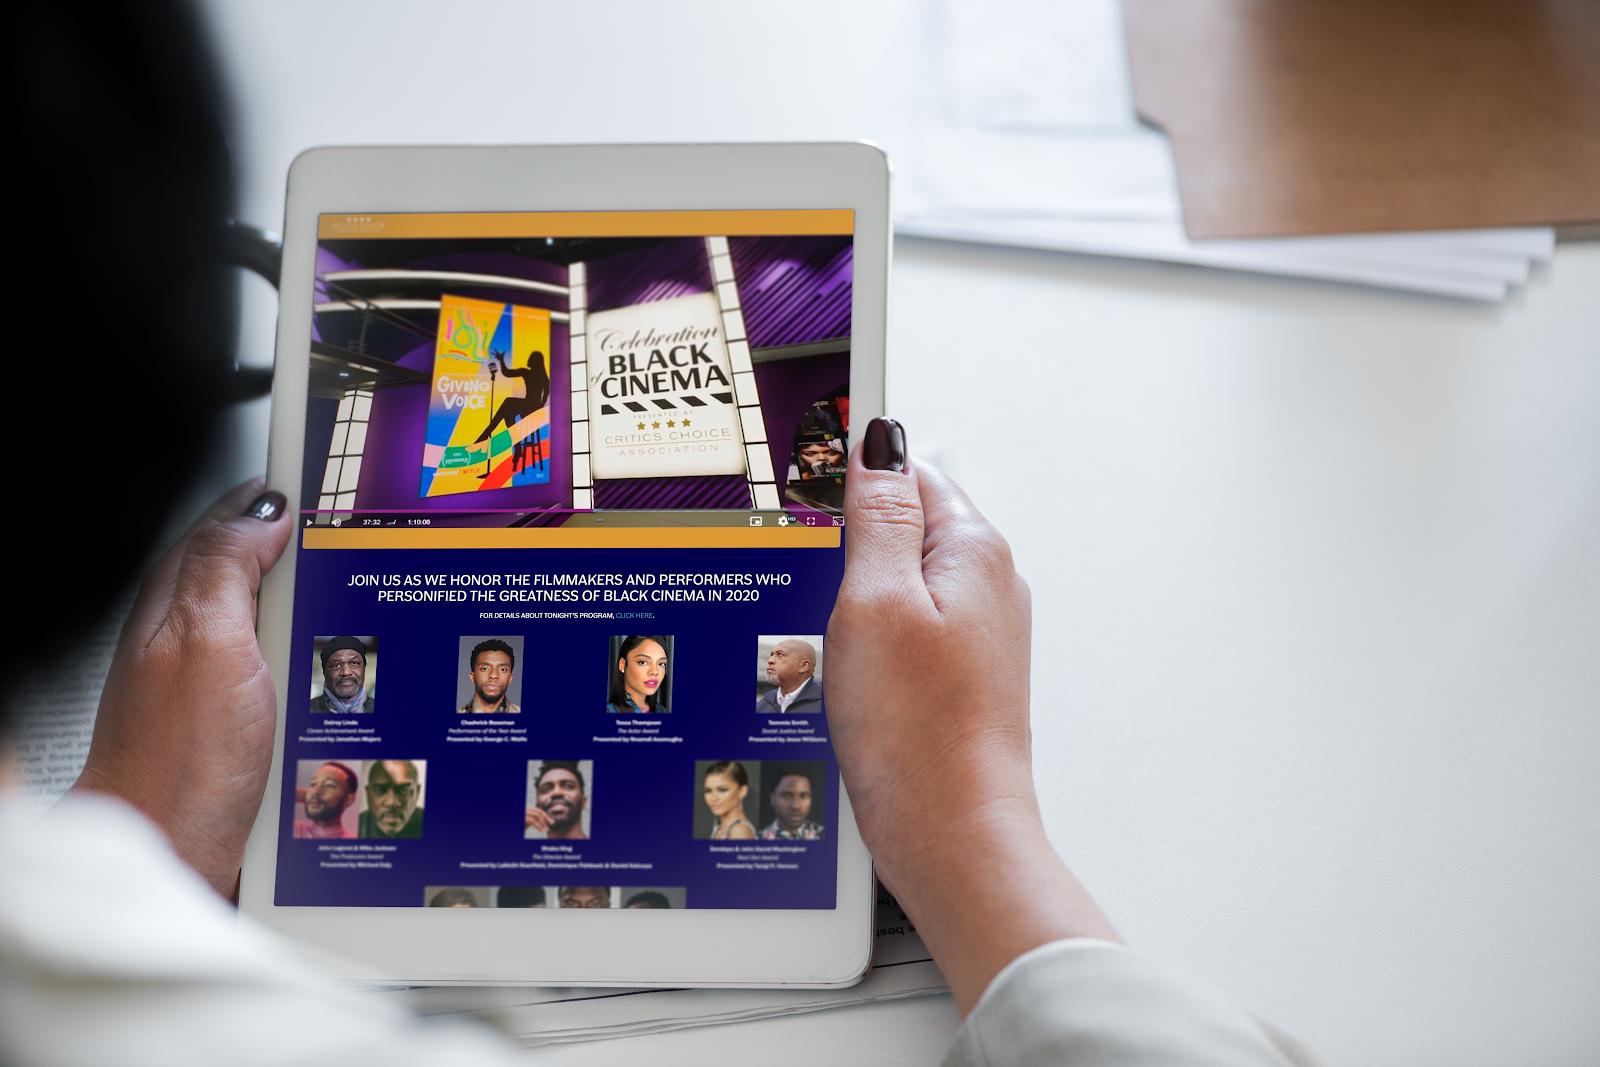 Virtual Venue on iPad, Celebration of Black Cinema